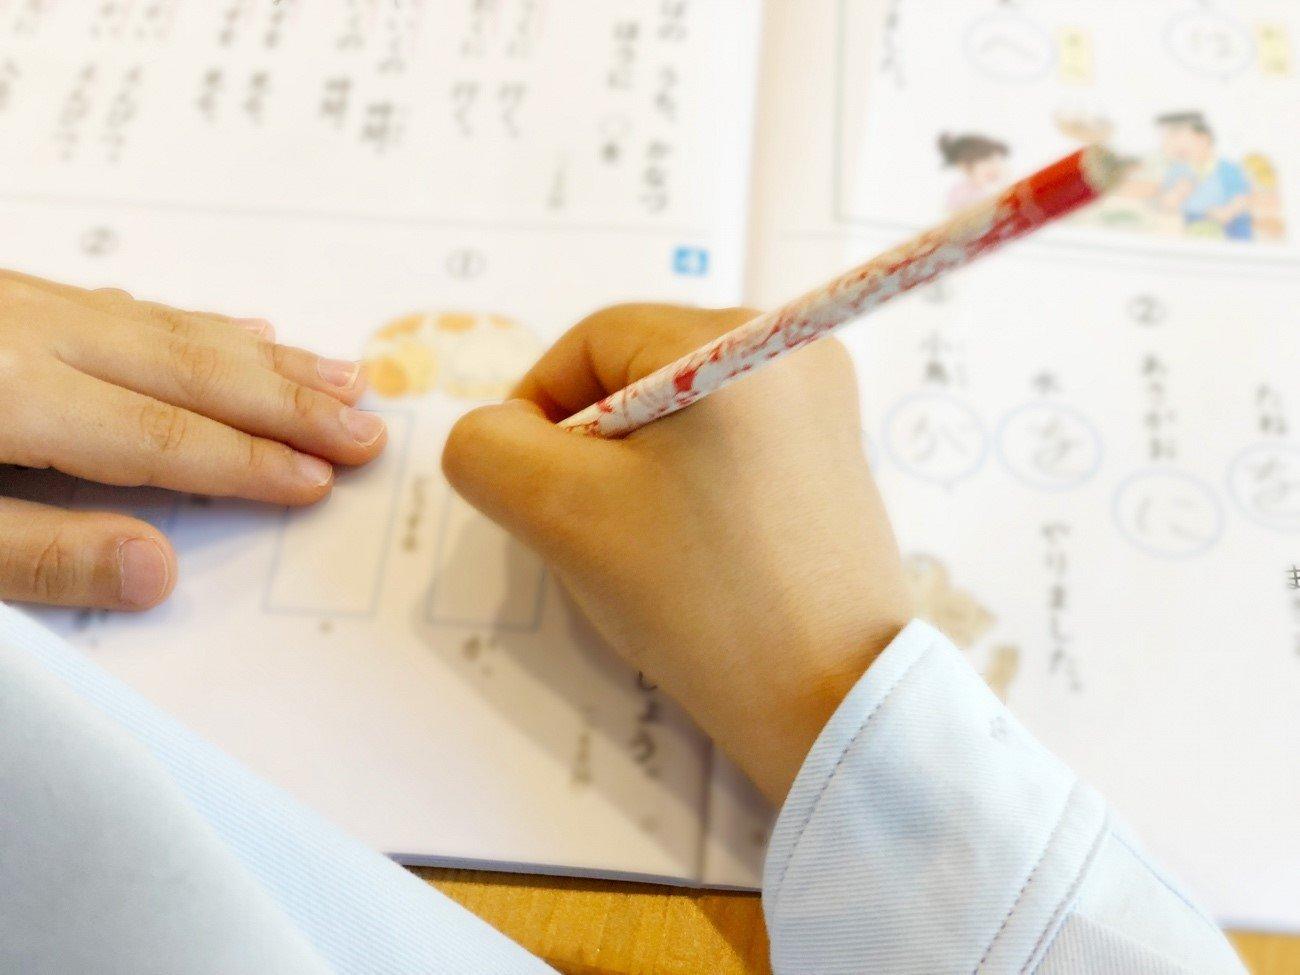 中学受験の勉強時間はどのくらい?効率よく勉強するアイデアも